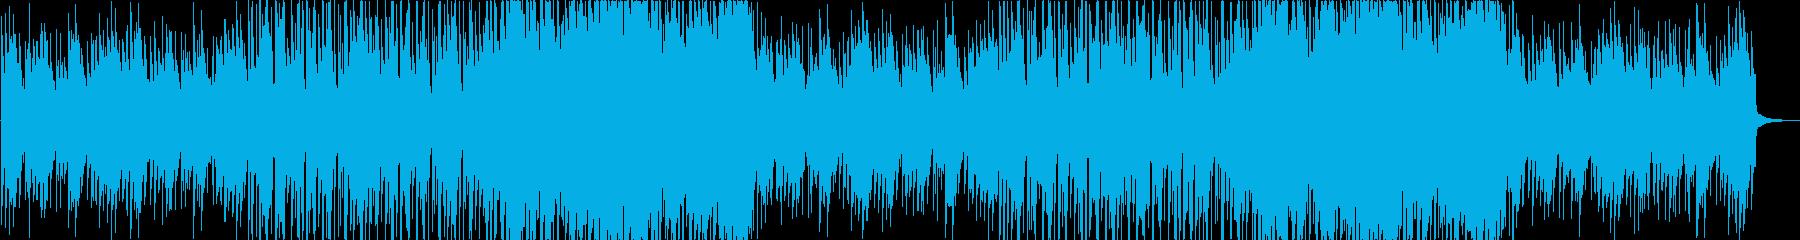 センチメンタルな秋のイメージがあるアコギの再生済みの波形